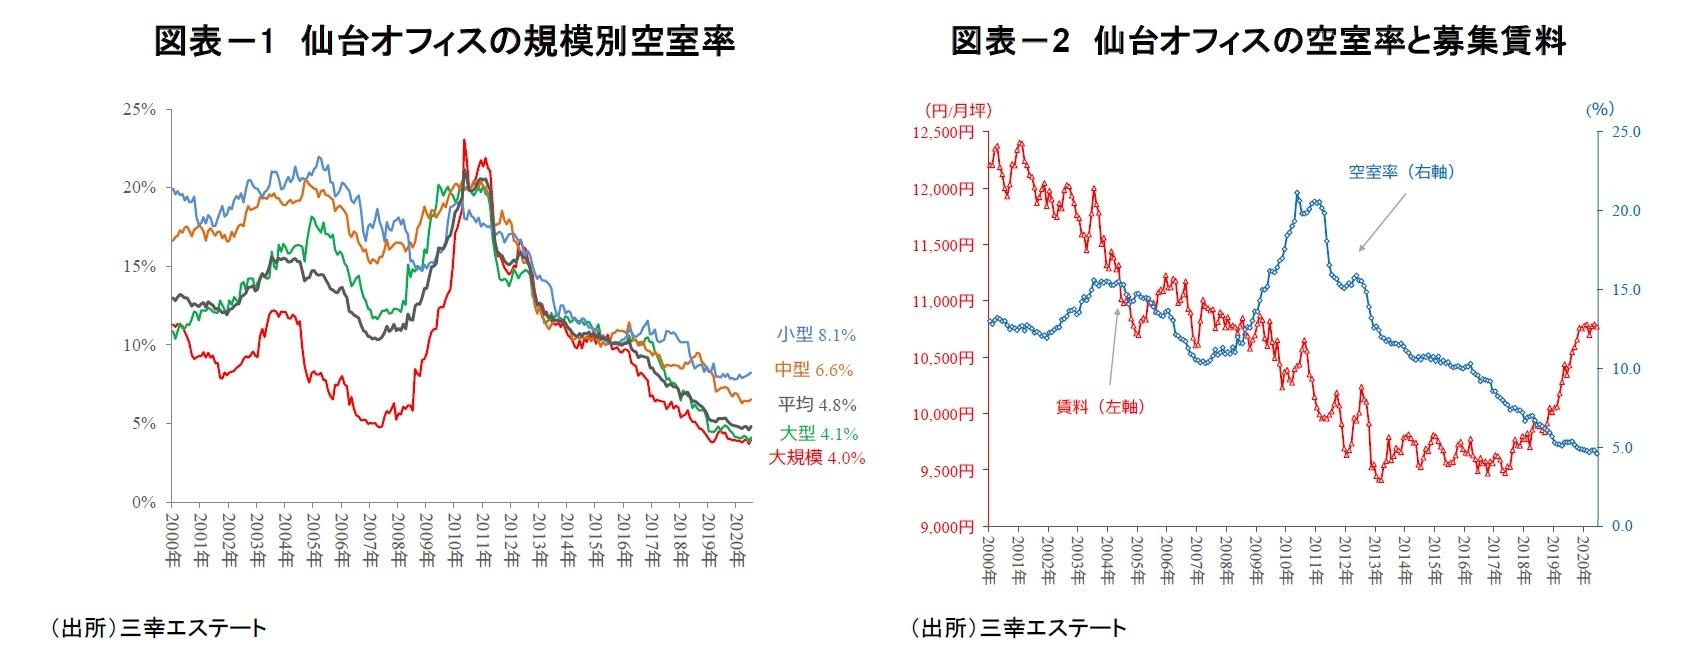 図表-1 仙台オフィスの規模別空室率/図表-2 仙台オフィスの空室率と募集賃料